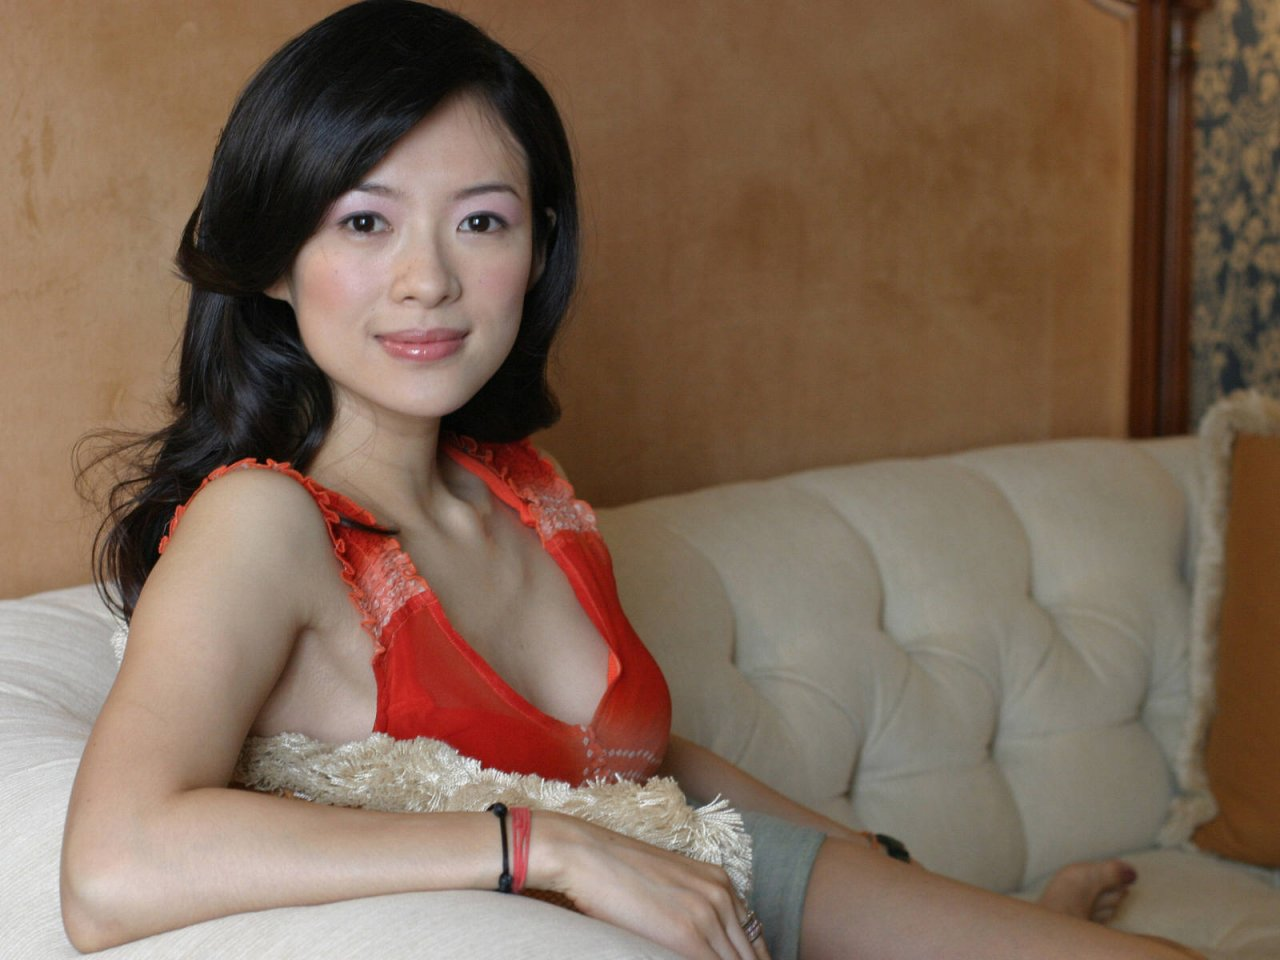 http://4.bp.blogspot.com/-G9A1J5mz_oI/T2CF8kVPgcI/AAAAAAAABhE/xDG_S5Qc1AU/s1600/Zhang+Ziyi+9.jpg